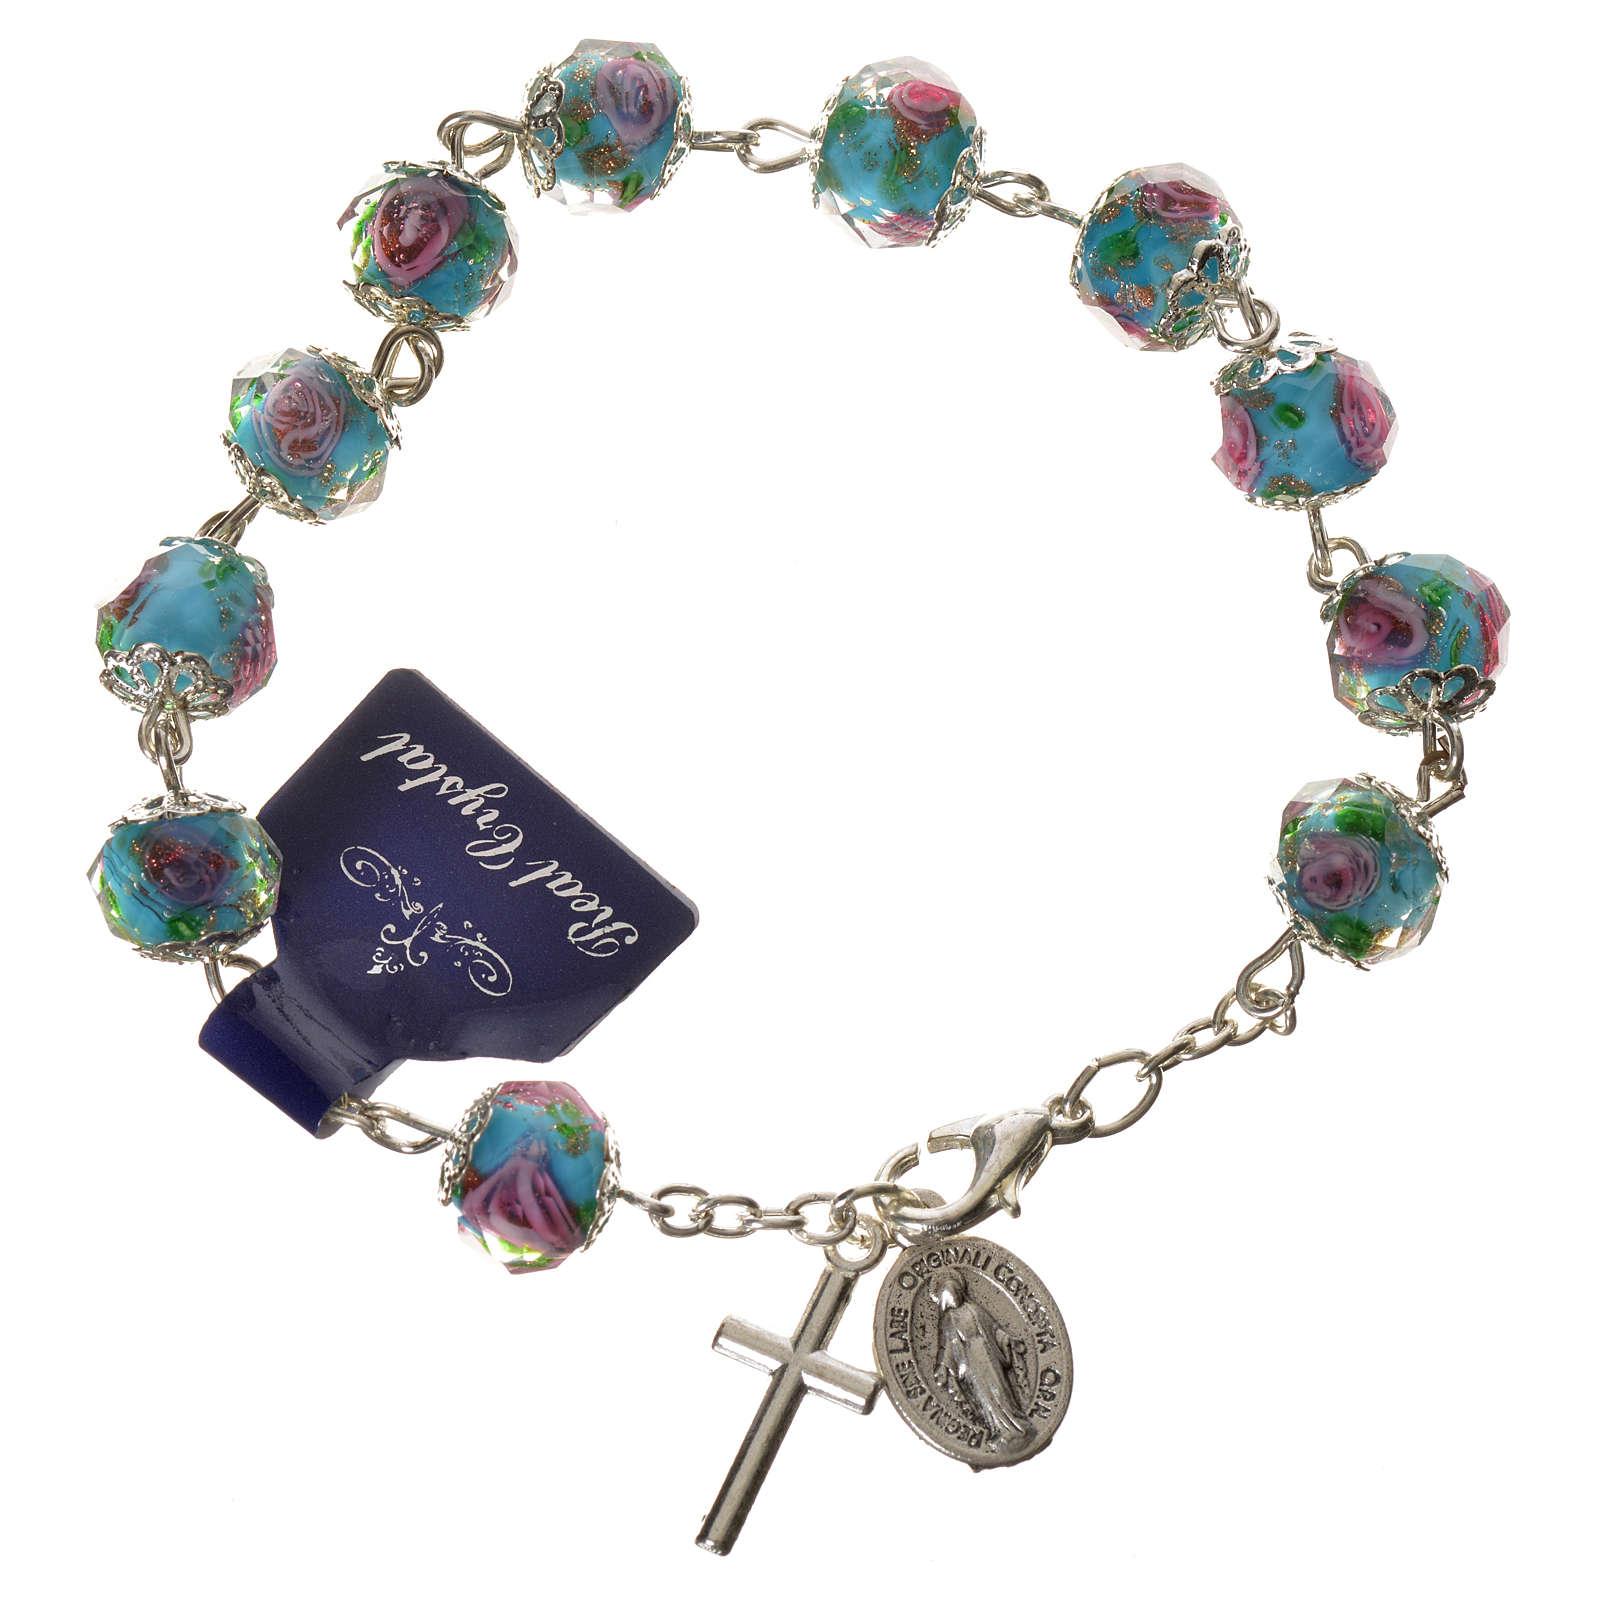 Bransoletka dziesiątka różańca kryształki w kształcie ziarenek 10 X 7mm błękitny 4